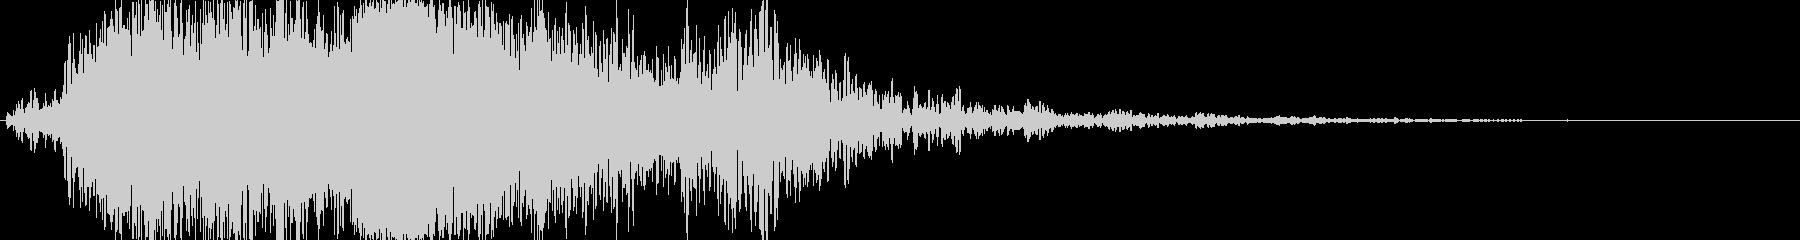 ドラゴン龍の鳴き声&シャキーン 魔法09の未再生の波形